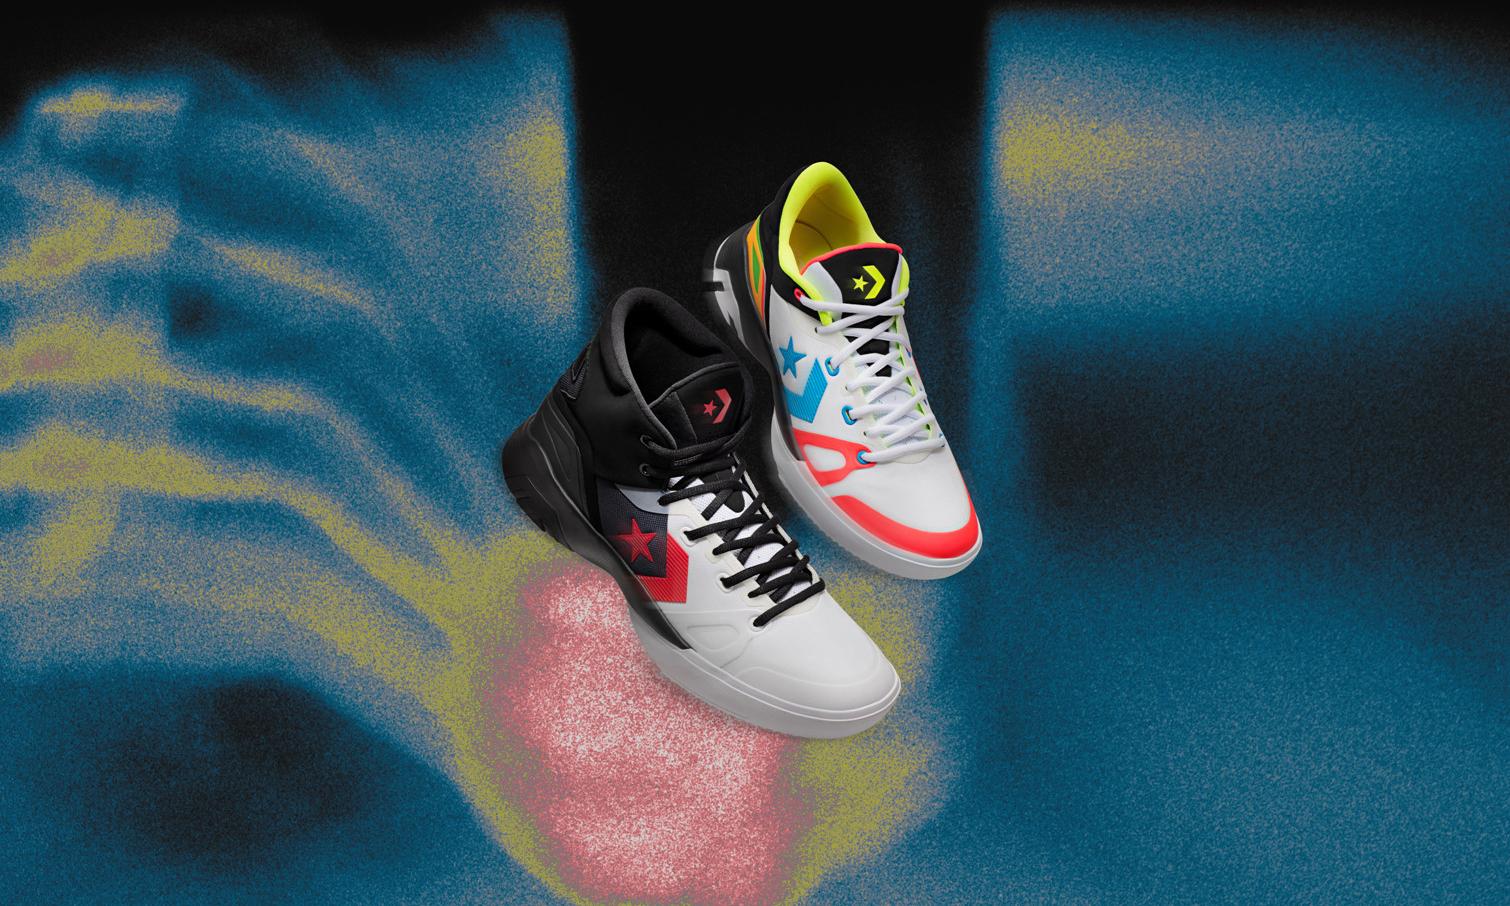 闯出领域,CONVERSE 推出全新 G4 篮球鞋系列